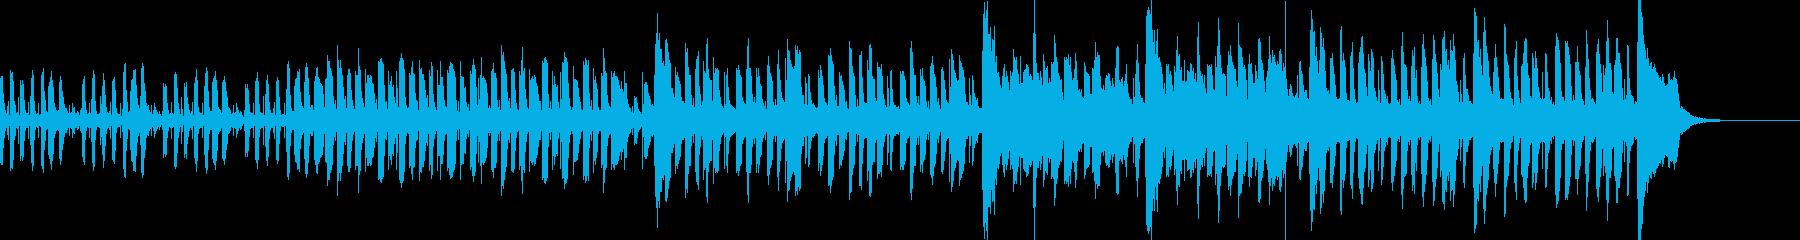 普段の生活、日常で使われるBGMの再生済みの波形